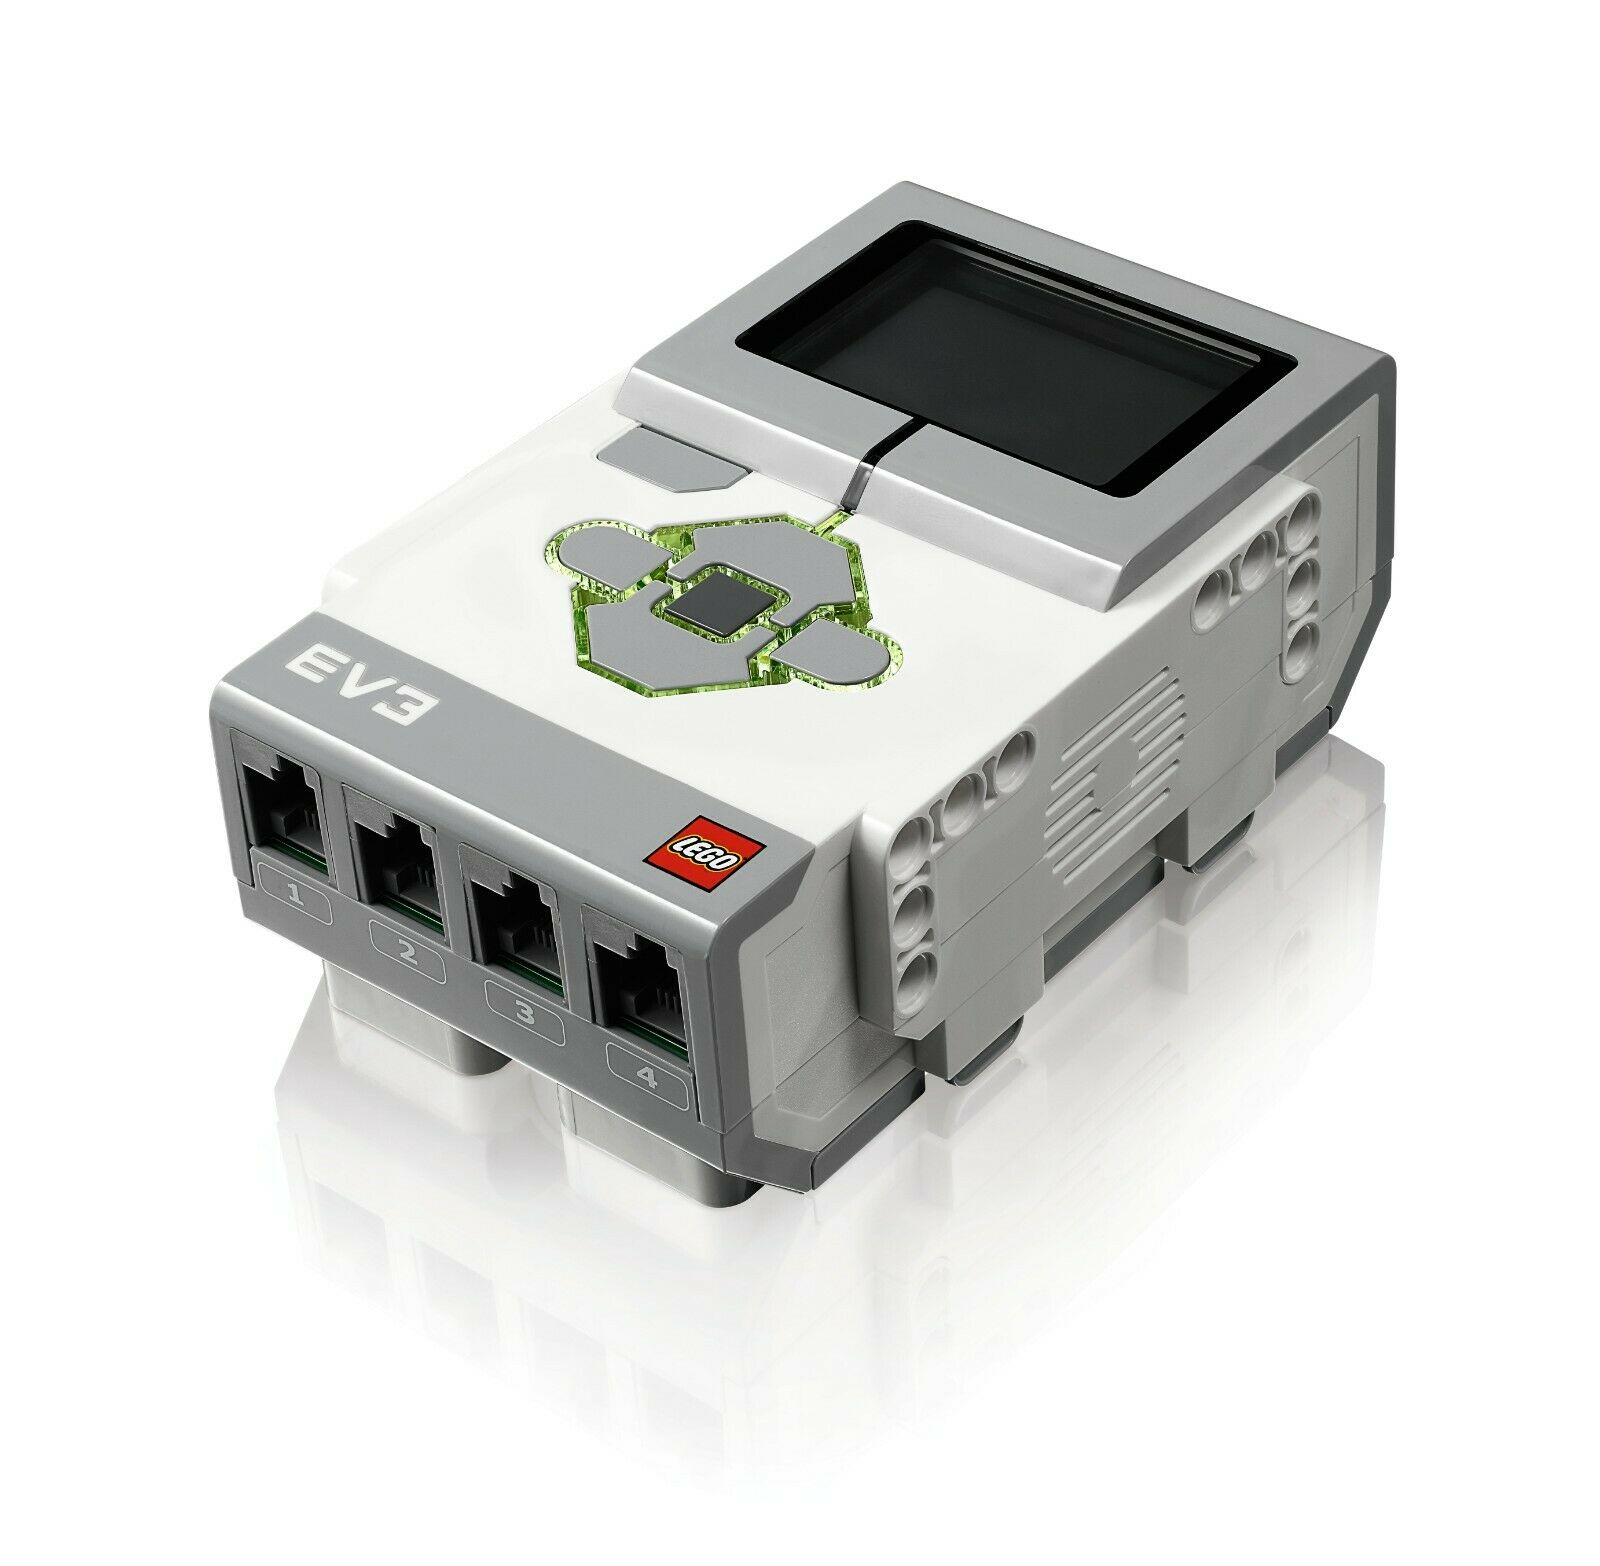 LEGO Mindstorms 31313 EV3 Complete Intelligent Brick 45500 95646c01  1